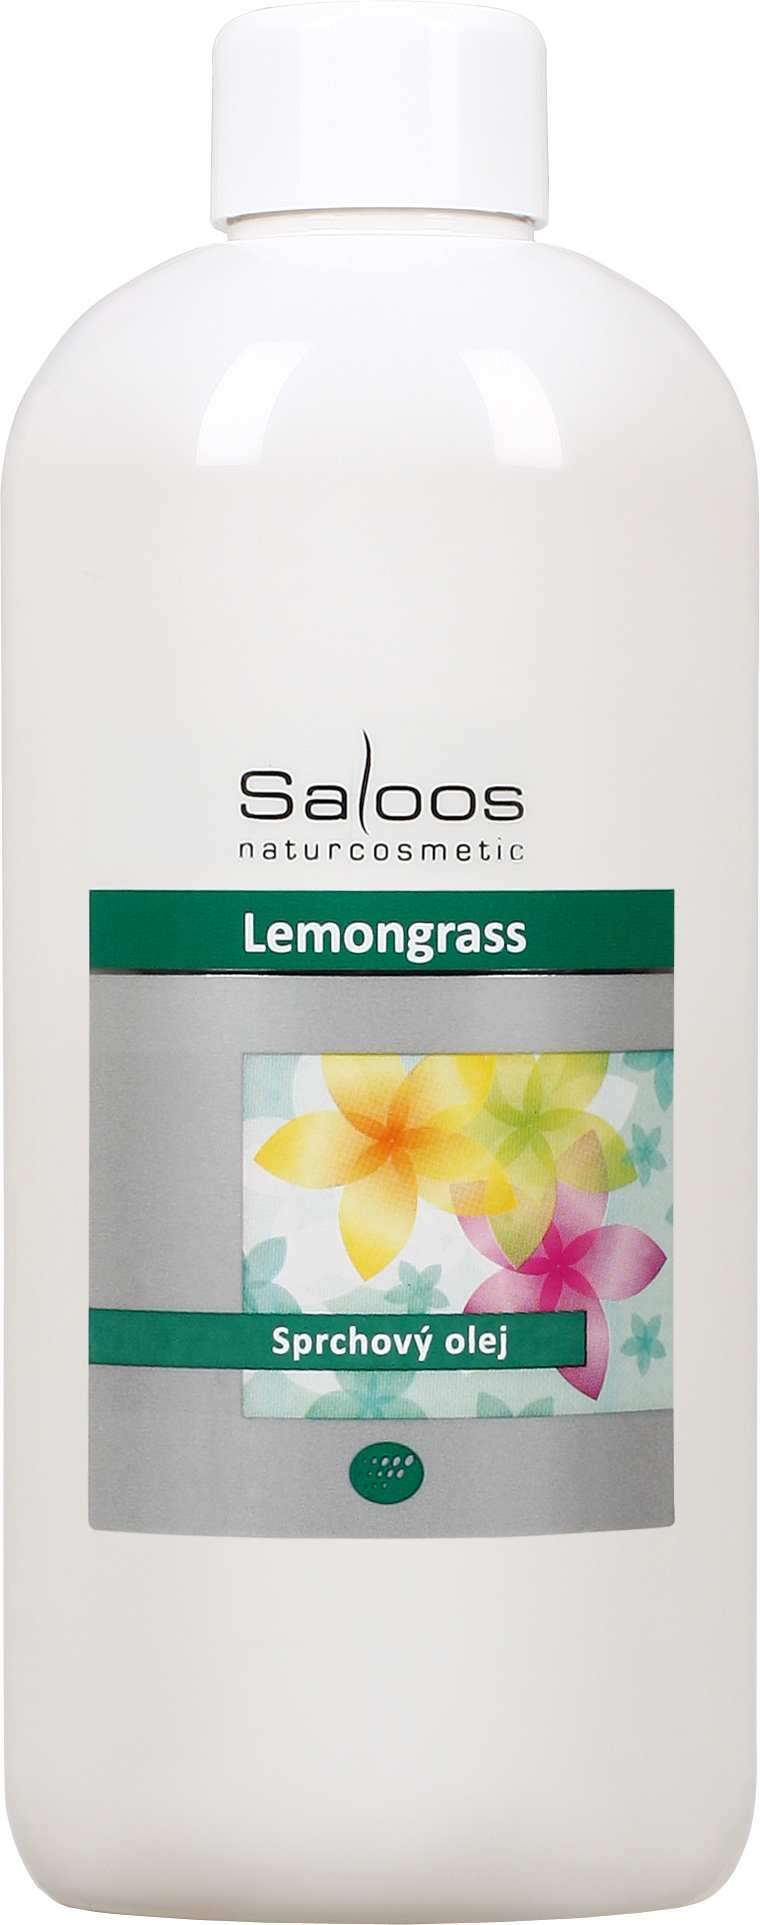 Saloos Lemongrass - sprchový olej Balení: 500 ml